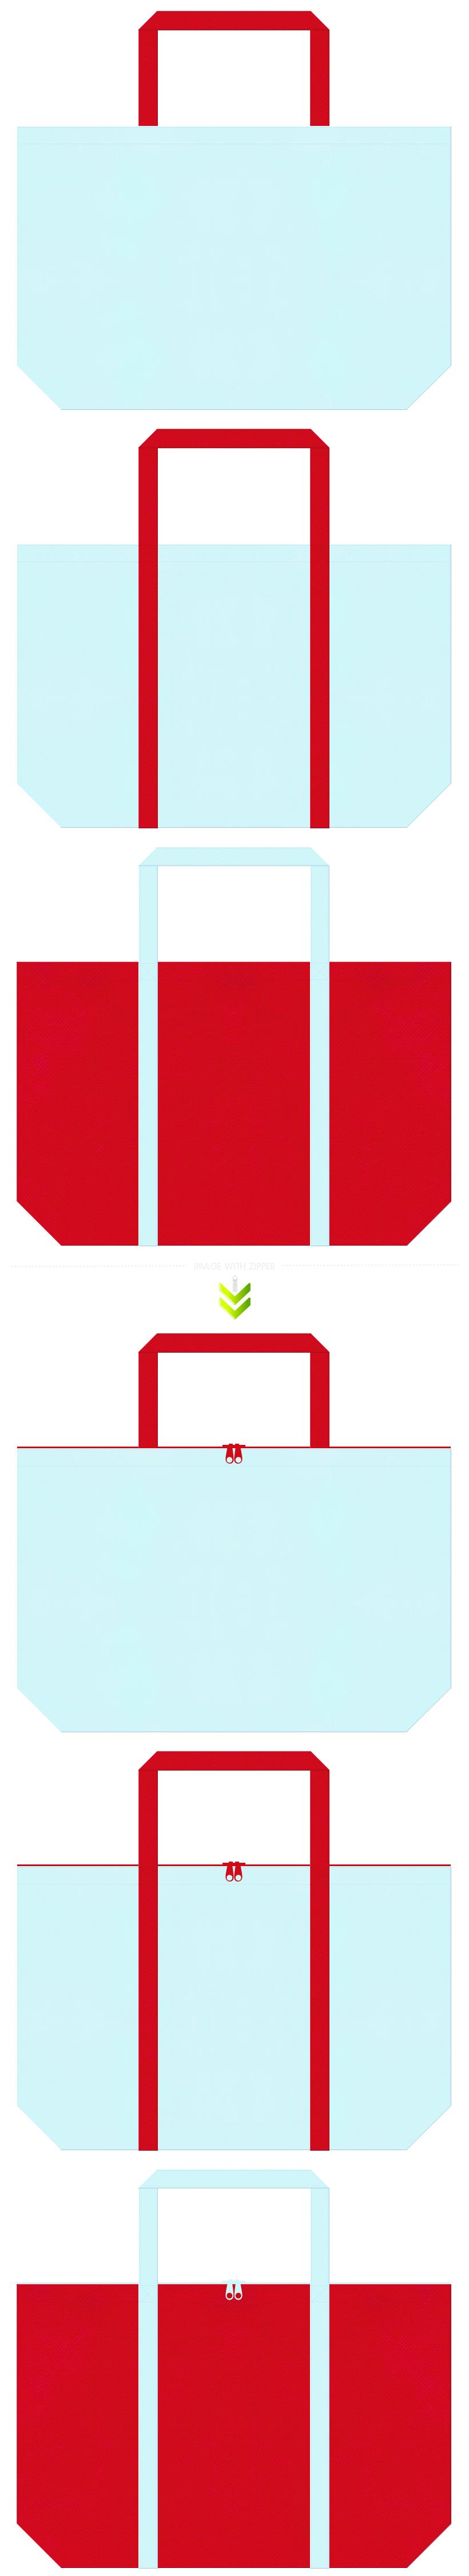 夏浴衣・風鈴・ビー玉・ガラス工芸・金魚すくい・すいか割り・かき氷・夏祭り・サマーイベントのノベルティにお奨めの不織布バッグデザイン:水色と紅色のコーデ